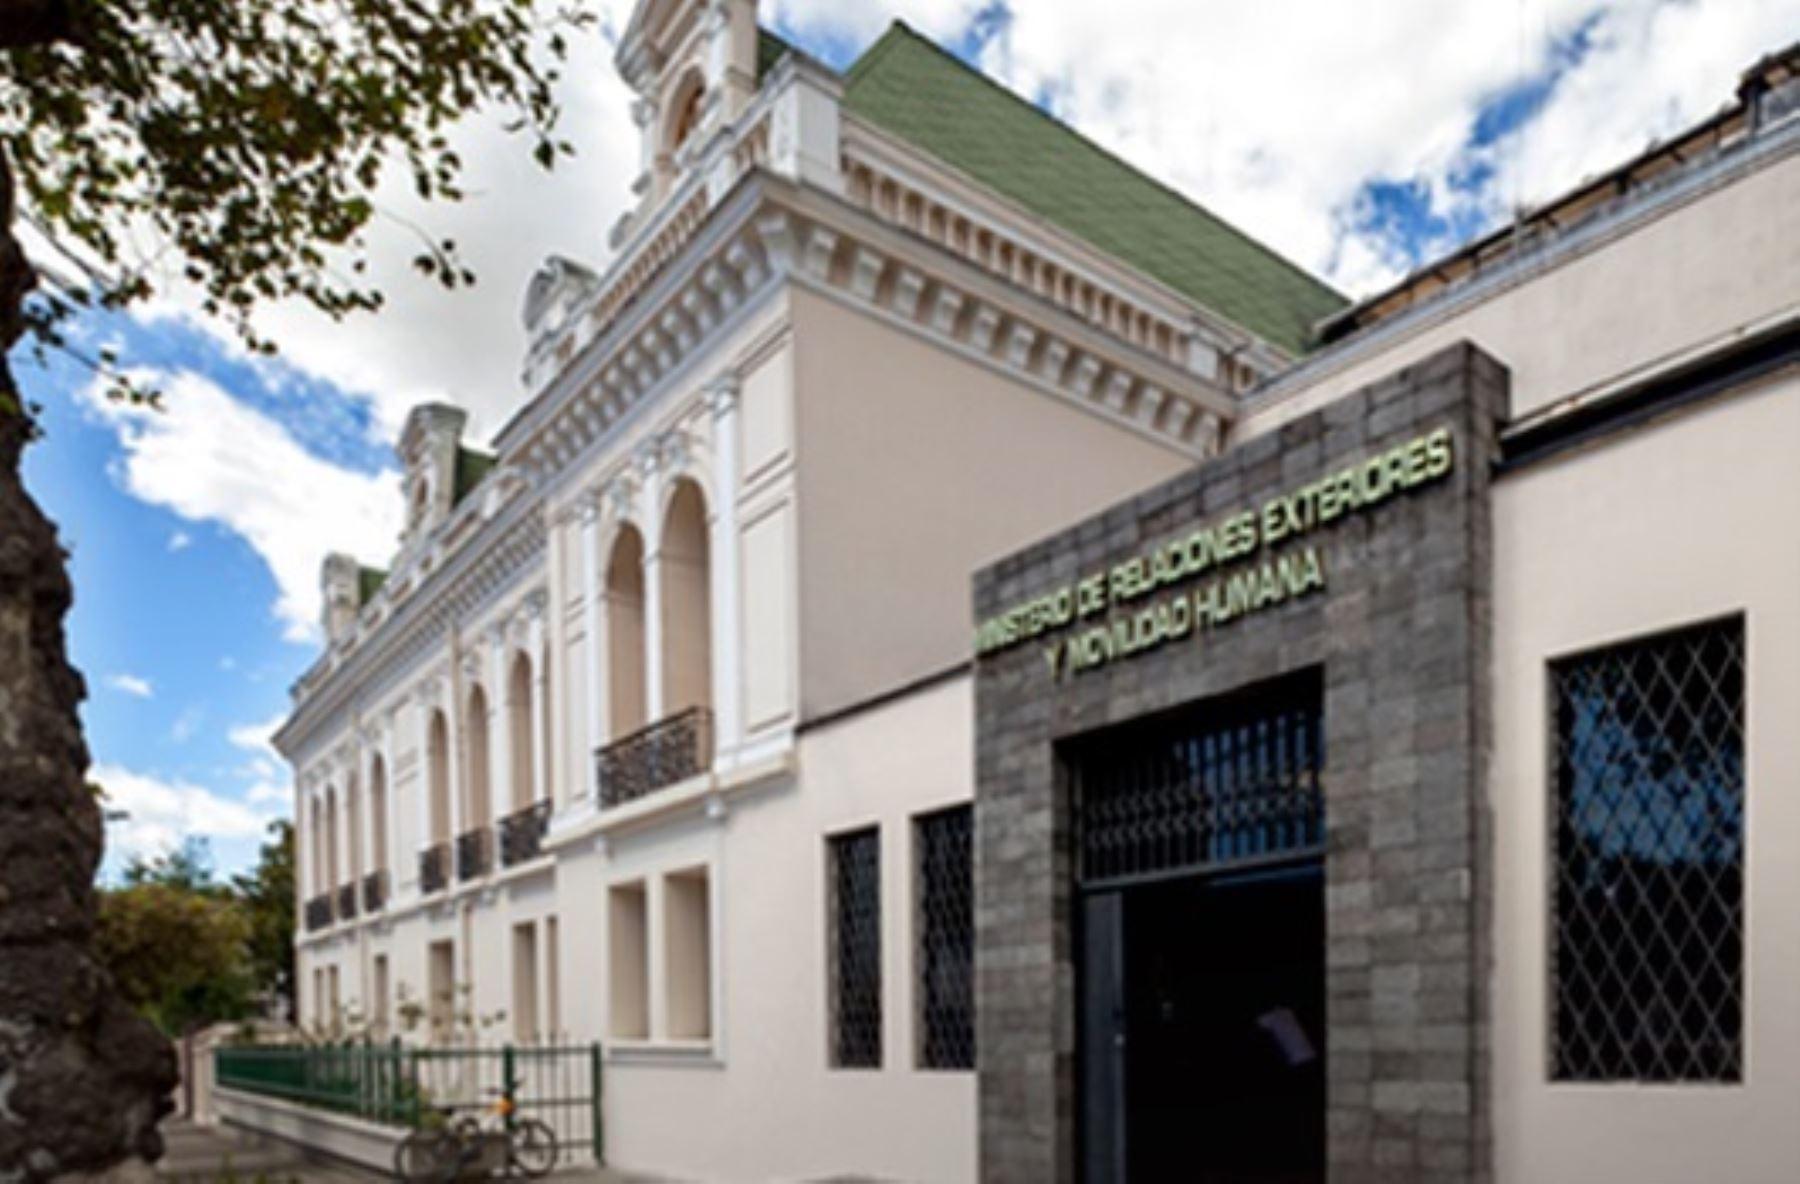 Ecuador Lamenta Llamado A Consulta De Embajador De Per Noticias Agencia Peruana De Noticias